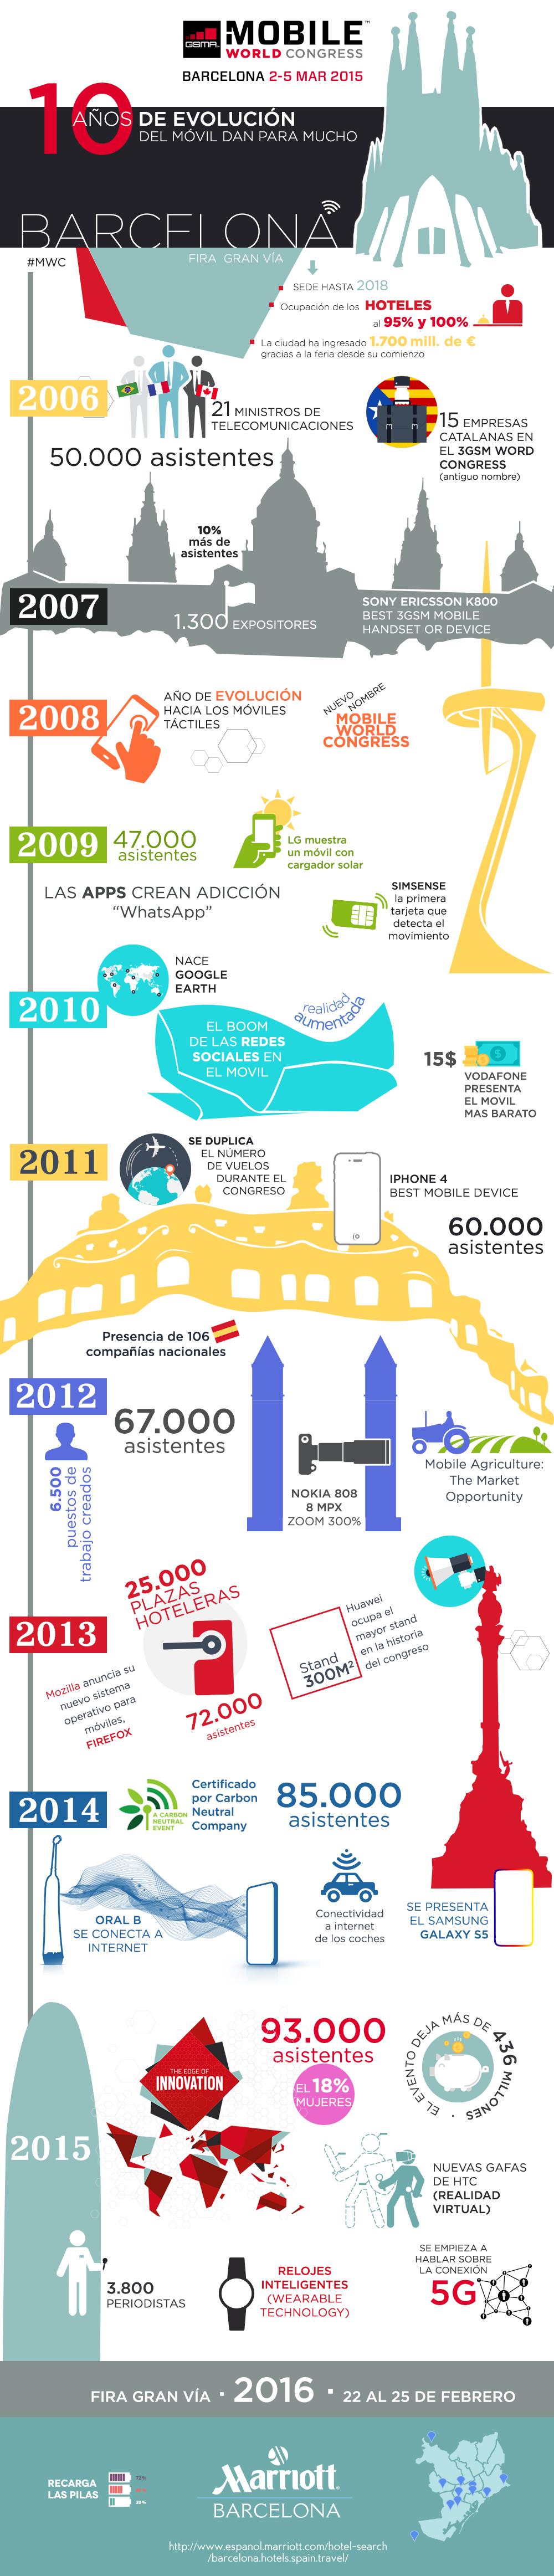 Historia del Mobile World Congress